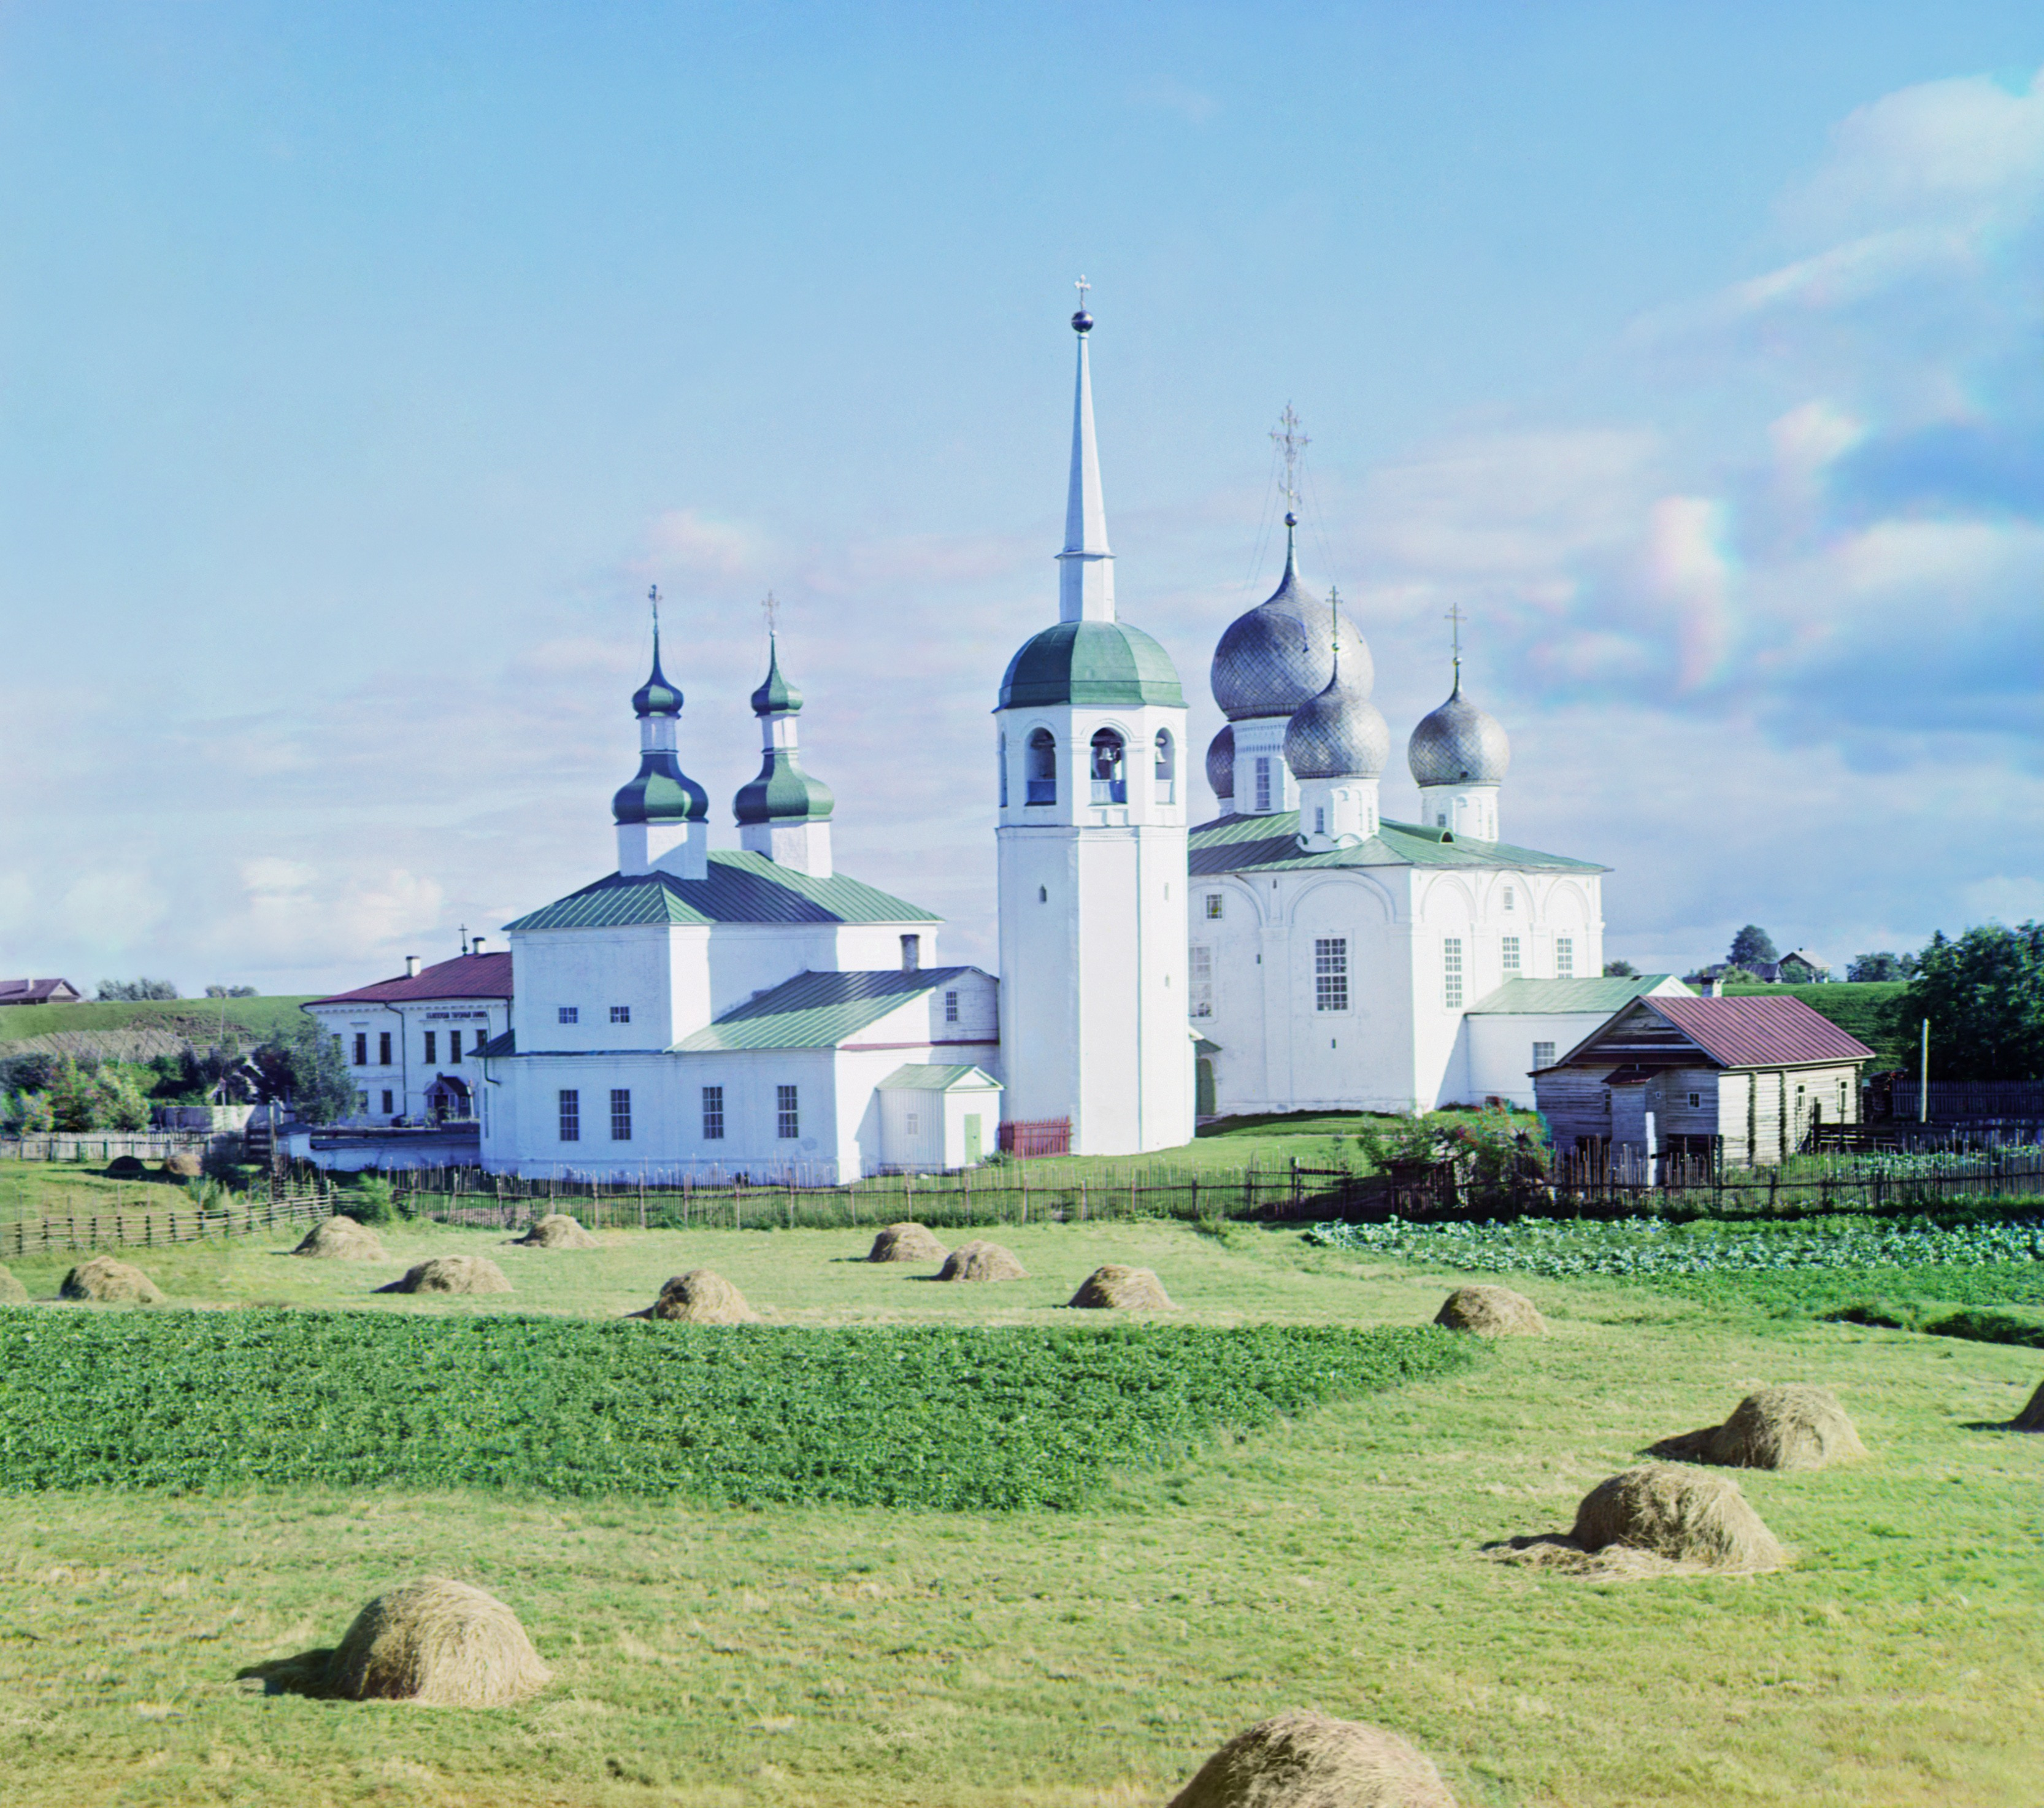 Белозерск. Церковь Василия Великого (слева) и Преображенский собор (справа) внутри крепостного вала